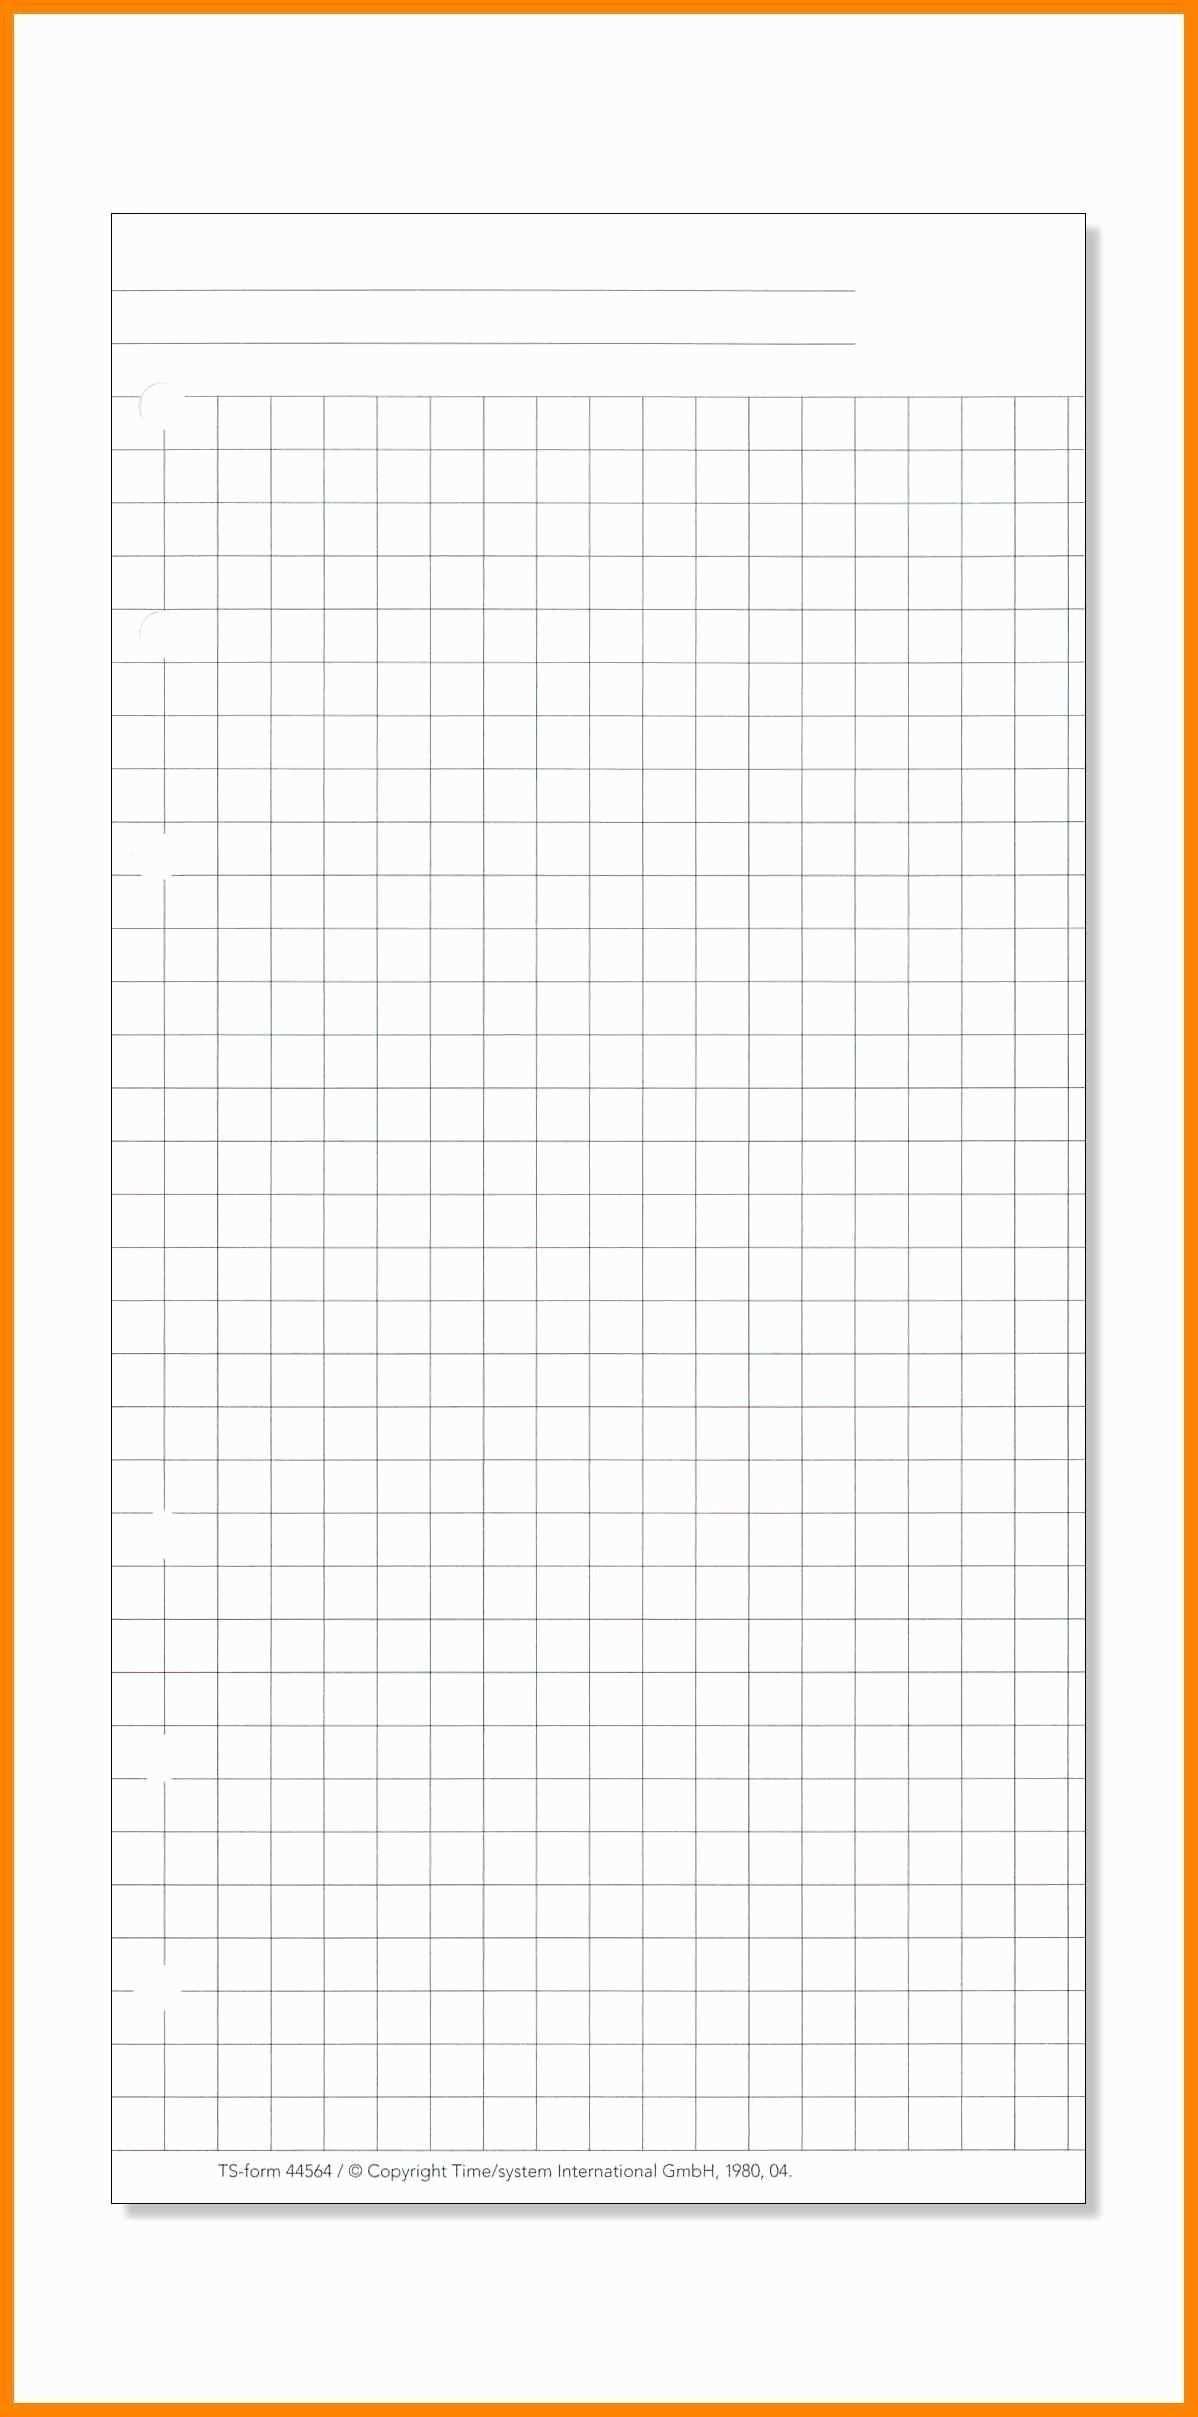 Einzigartig Kariertes Blatt Din A4 Farbung Malvorlagen Malvorlagenfurkinder Kariertes Blatt Kariertes Papier Kostenlose Malvorlagen